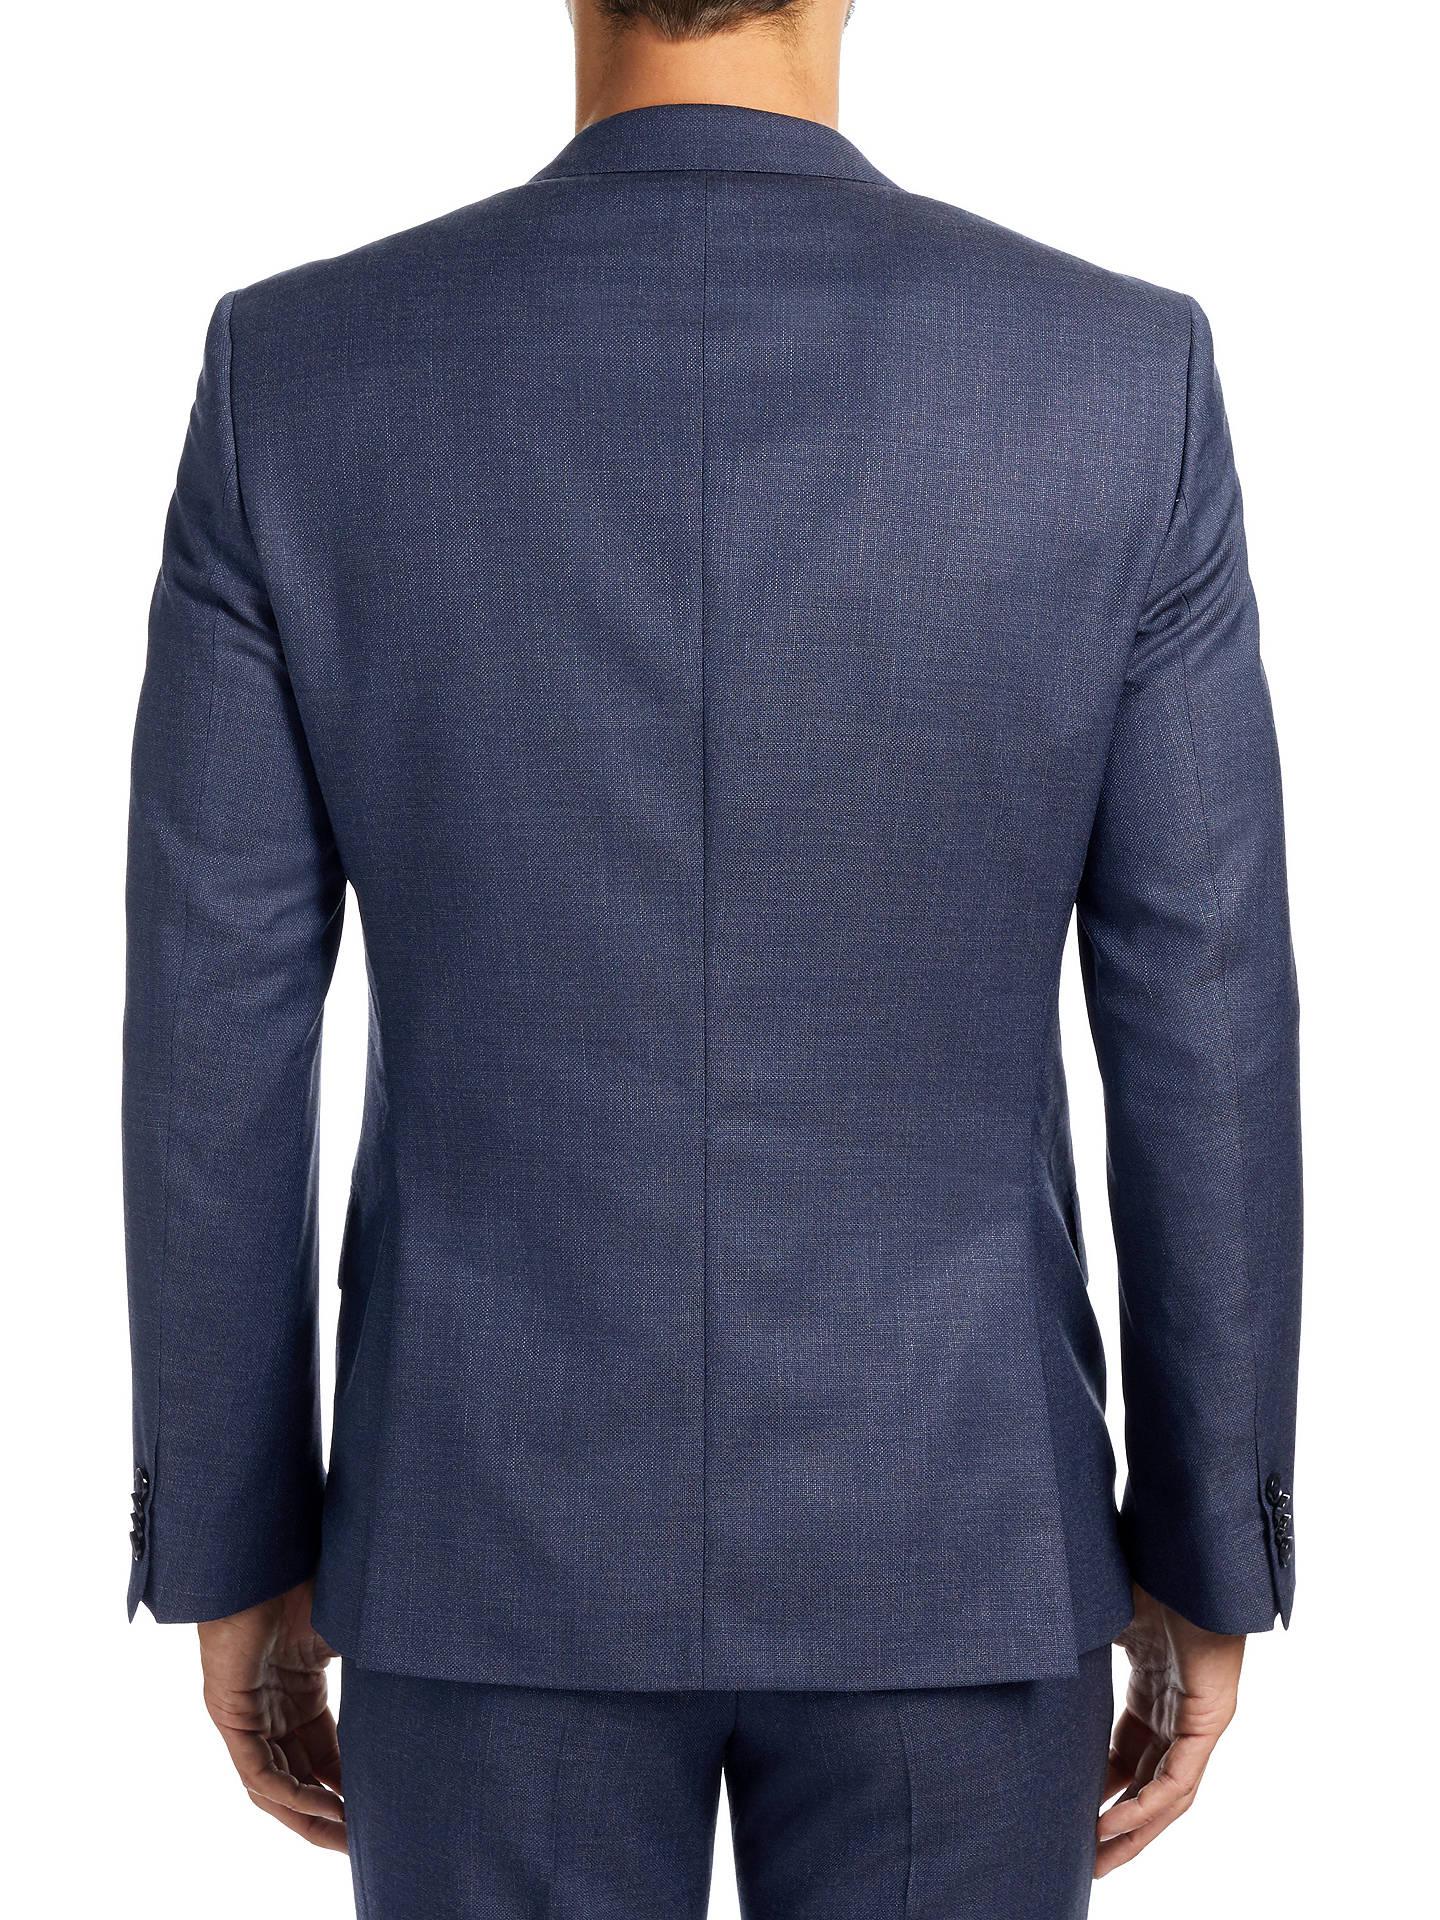 2481da08e ... Buy HUGO by Hugo Boss C-Huge Virgin Wool Slim Fit Suit Jacket, Dark ...